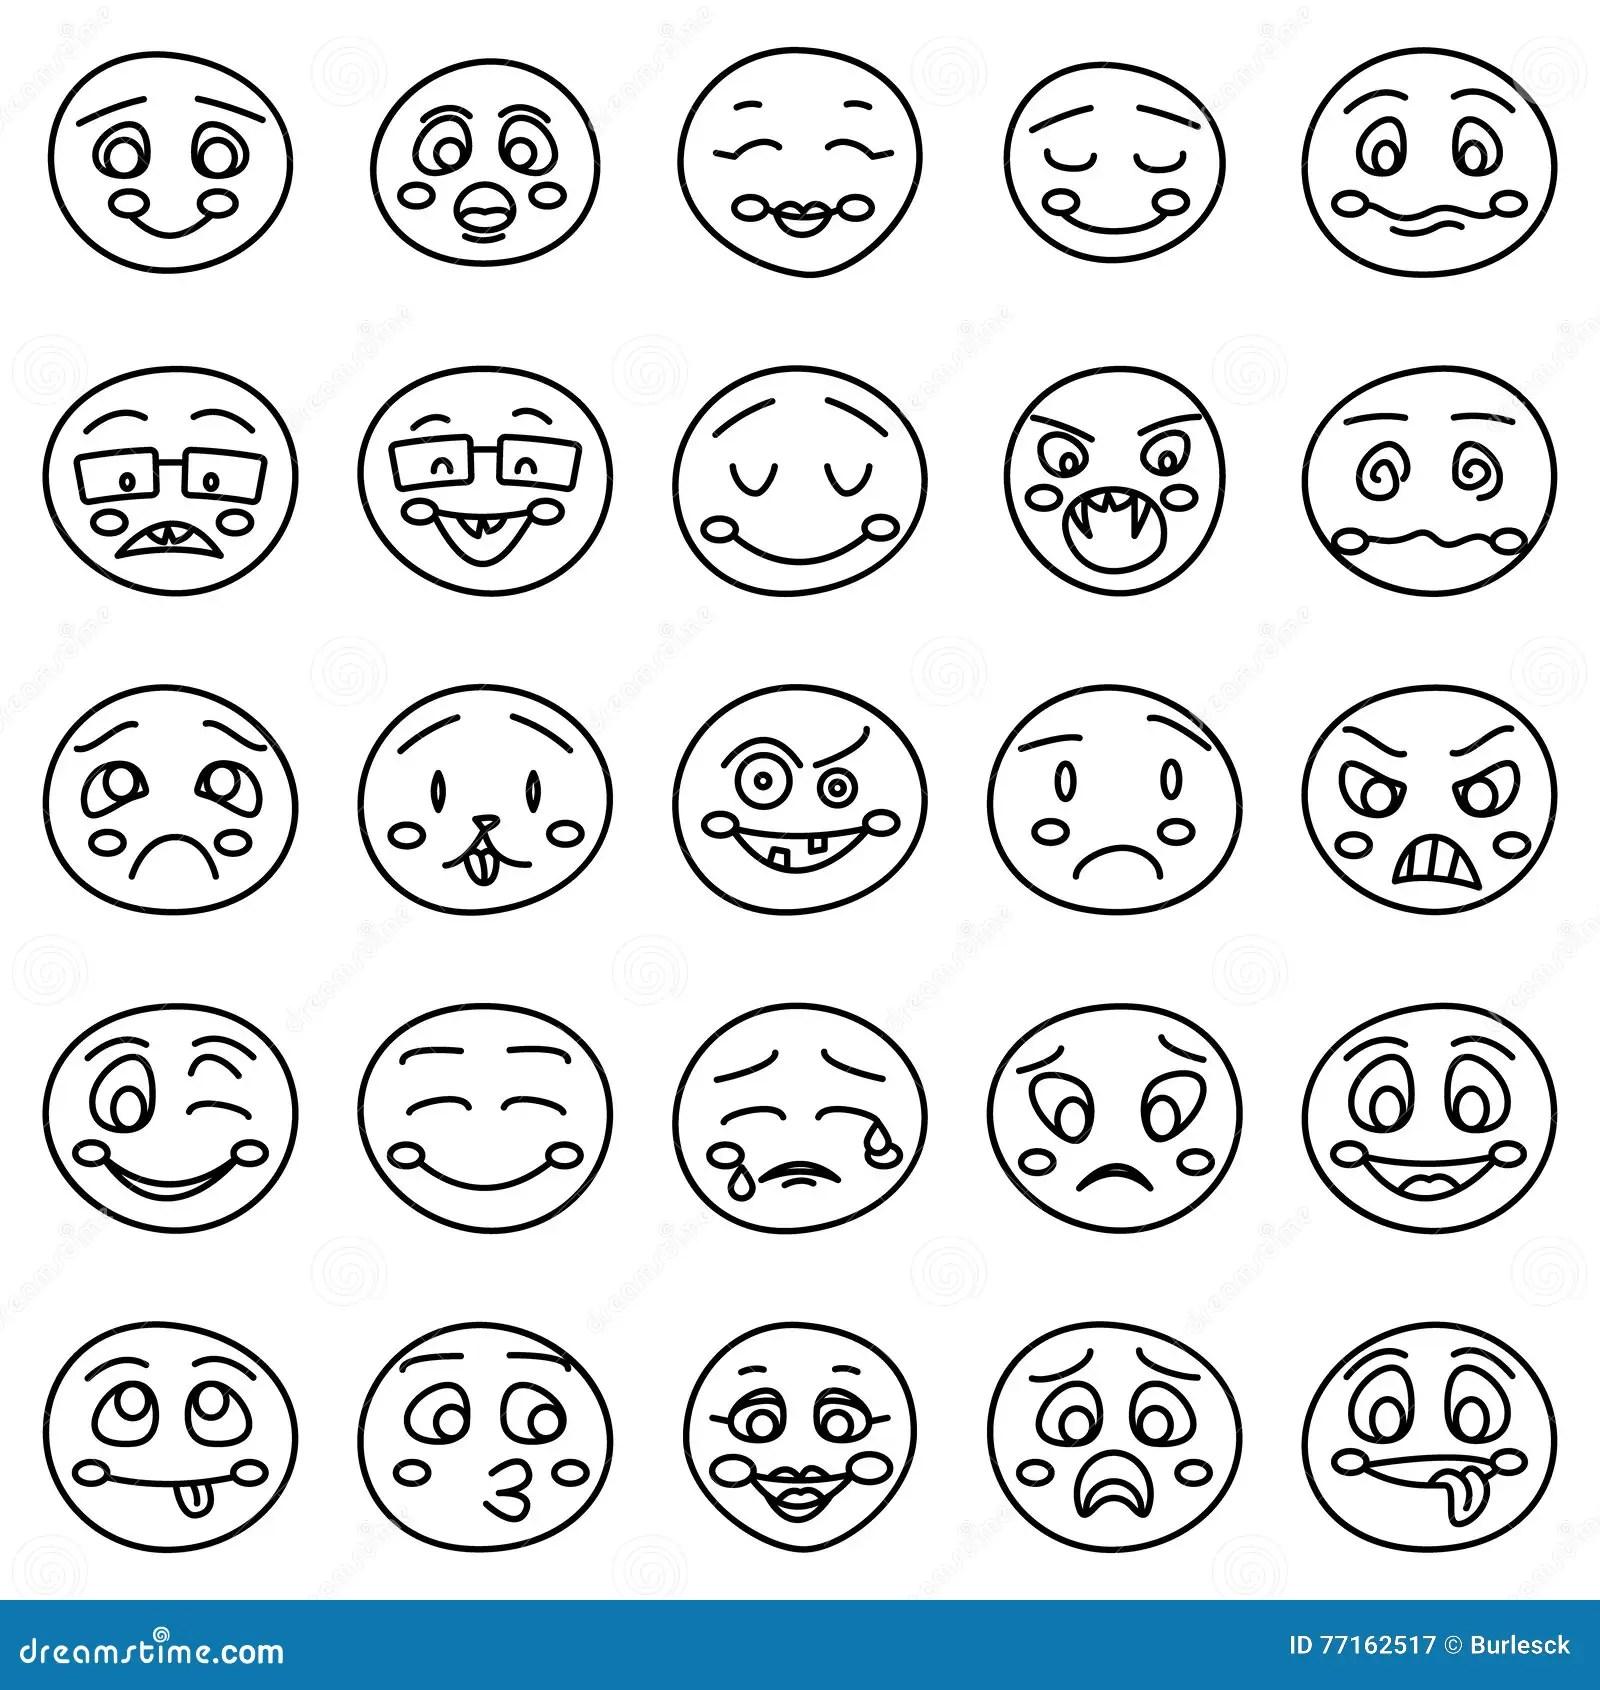 Desenho Da Mao Dos Emoticons Ou Das Caras Emocionais Da